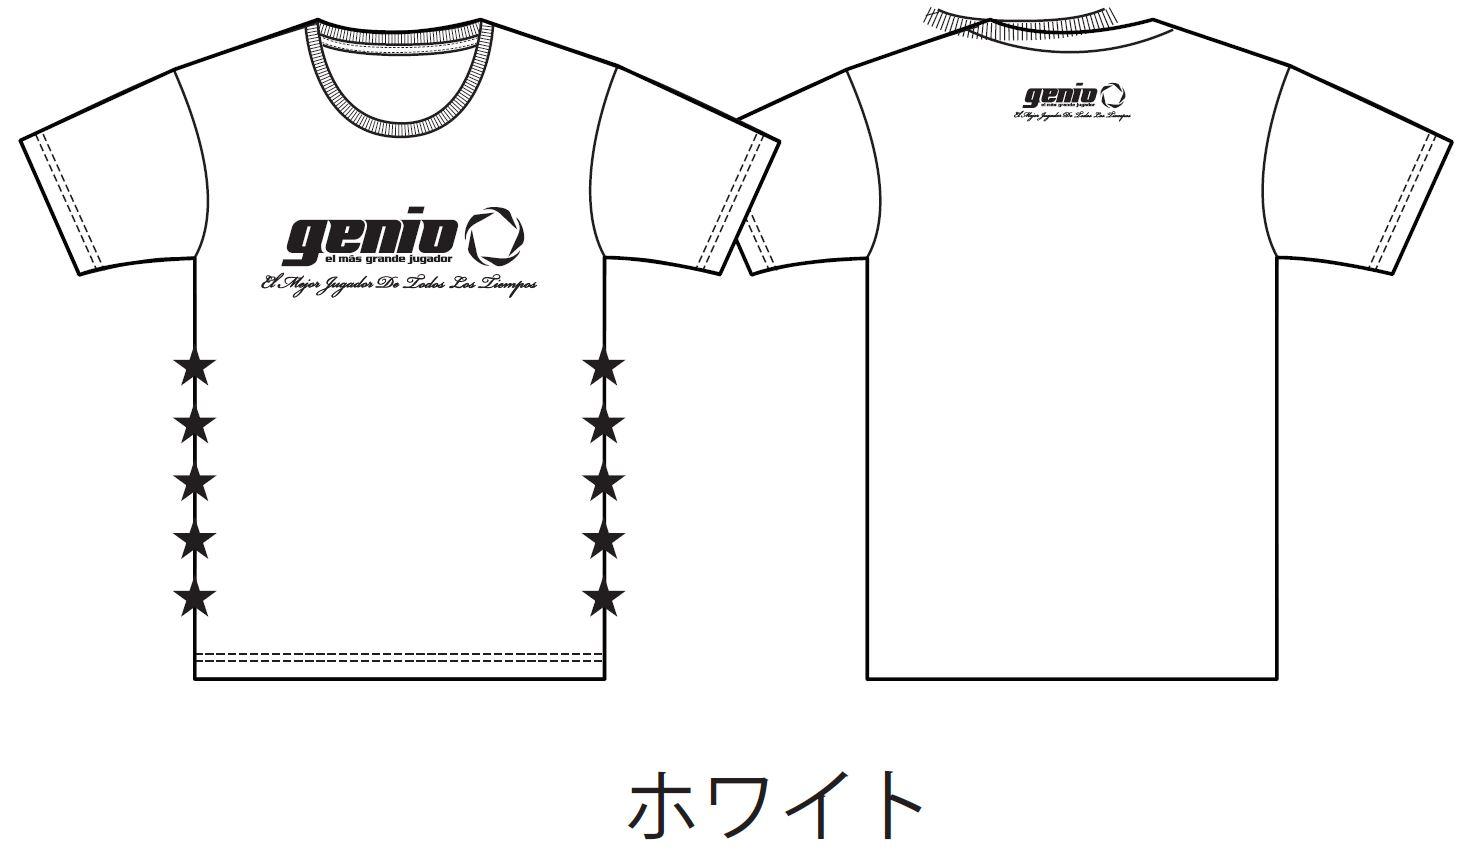 LOGO-FINE-JERSEY-3.JPG